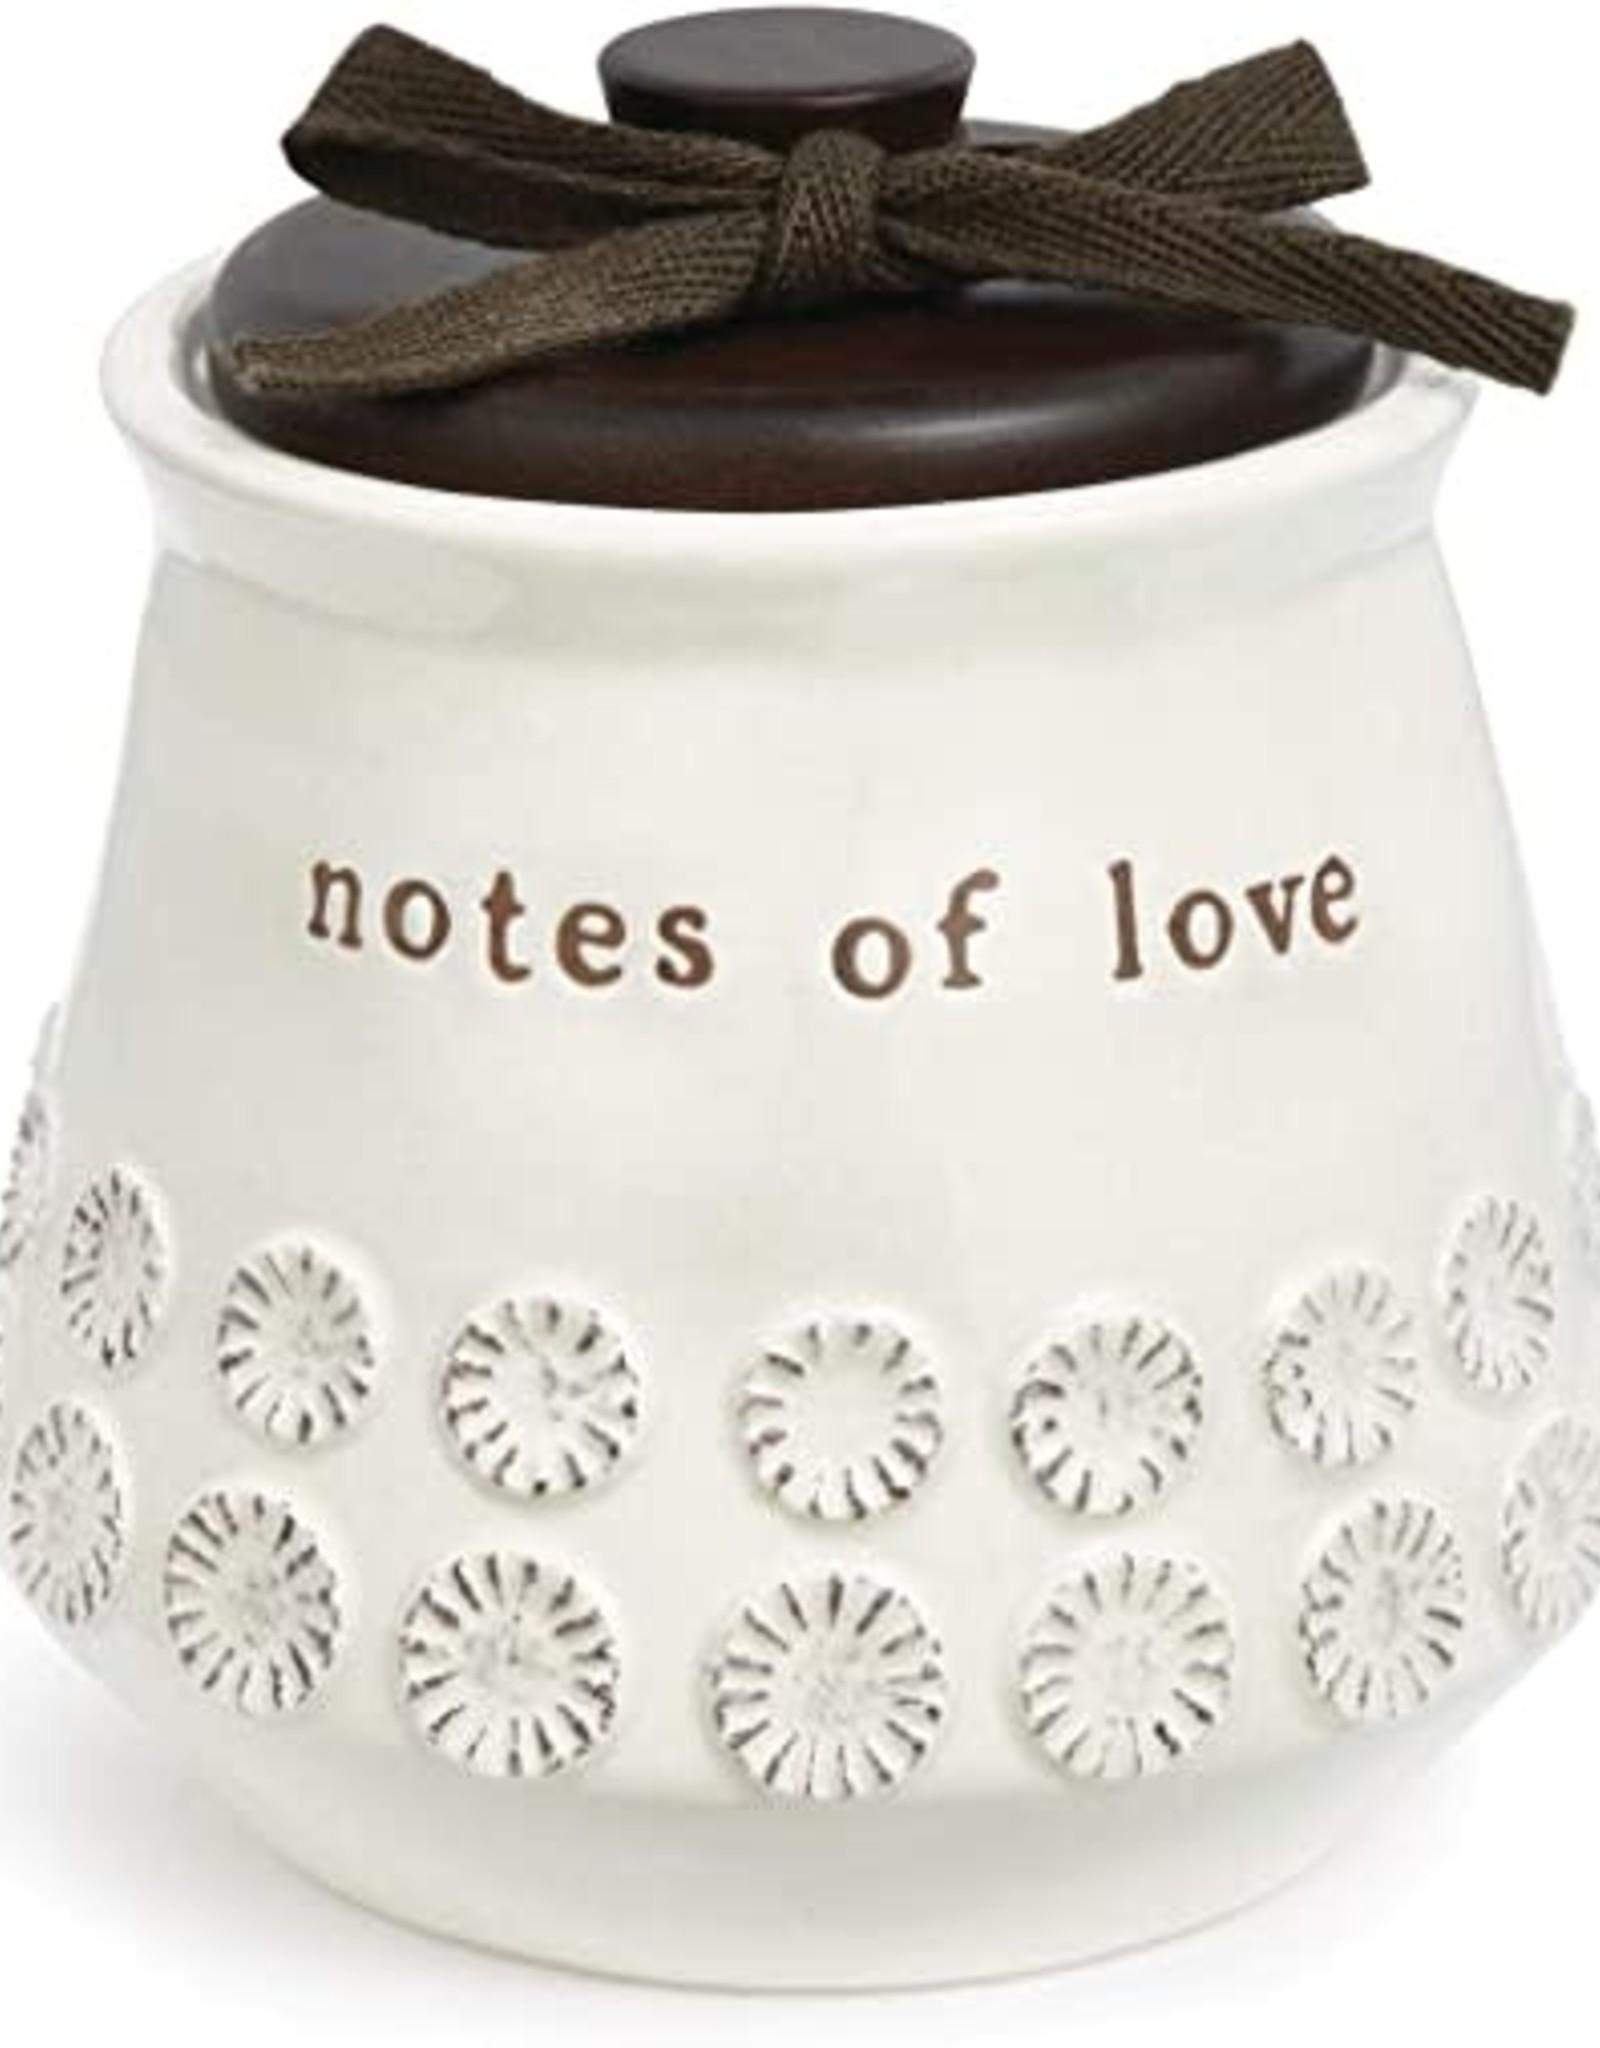 Demdaco Notes of Love Jar